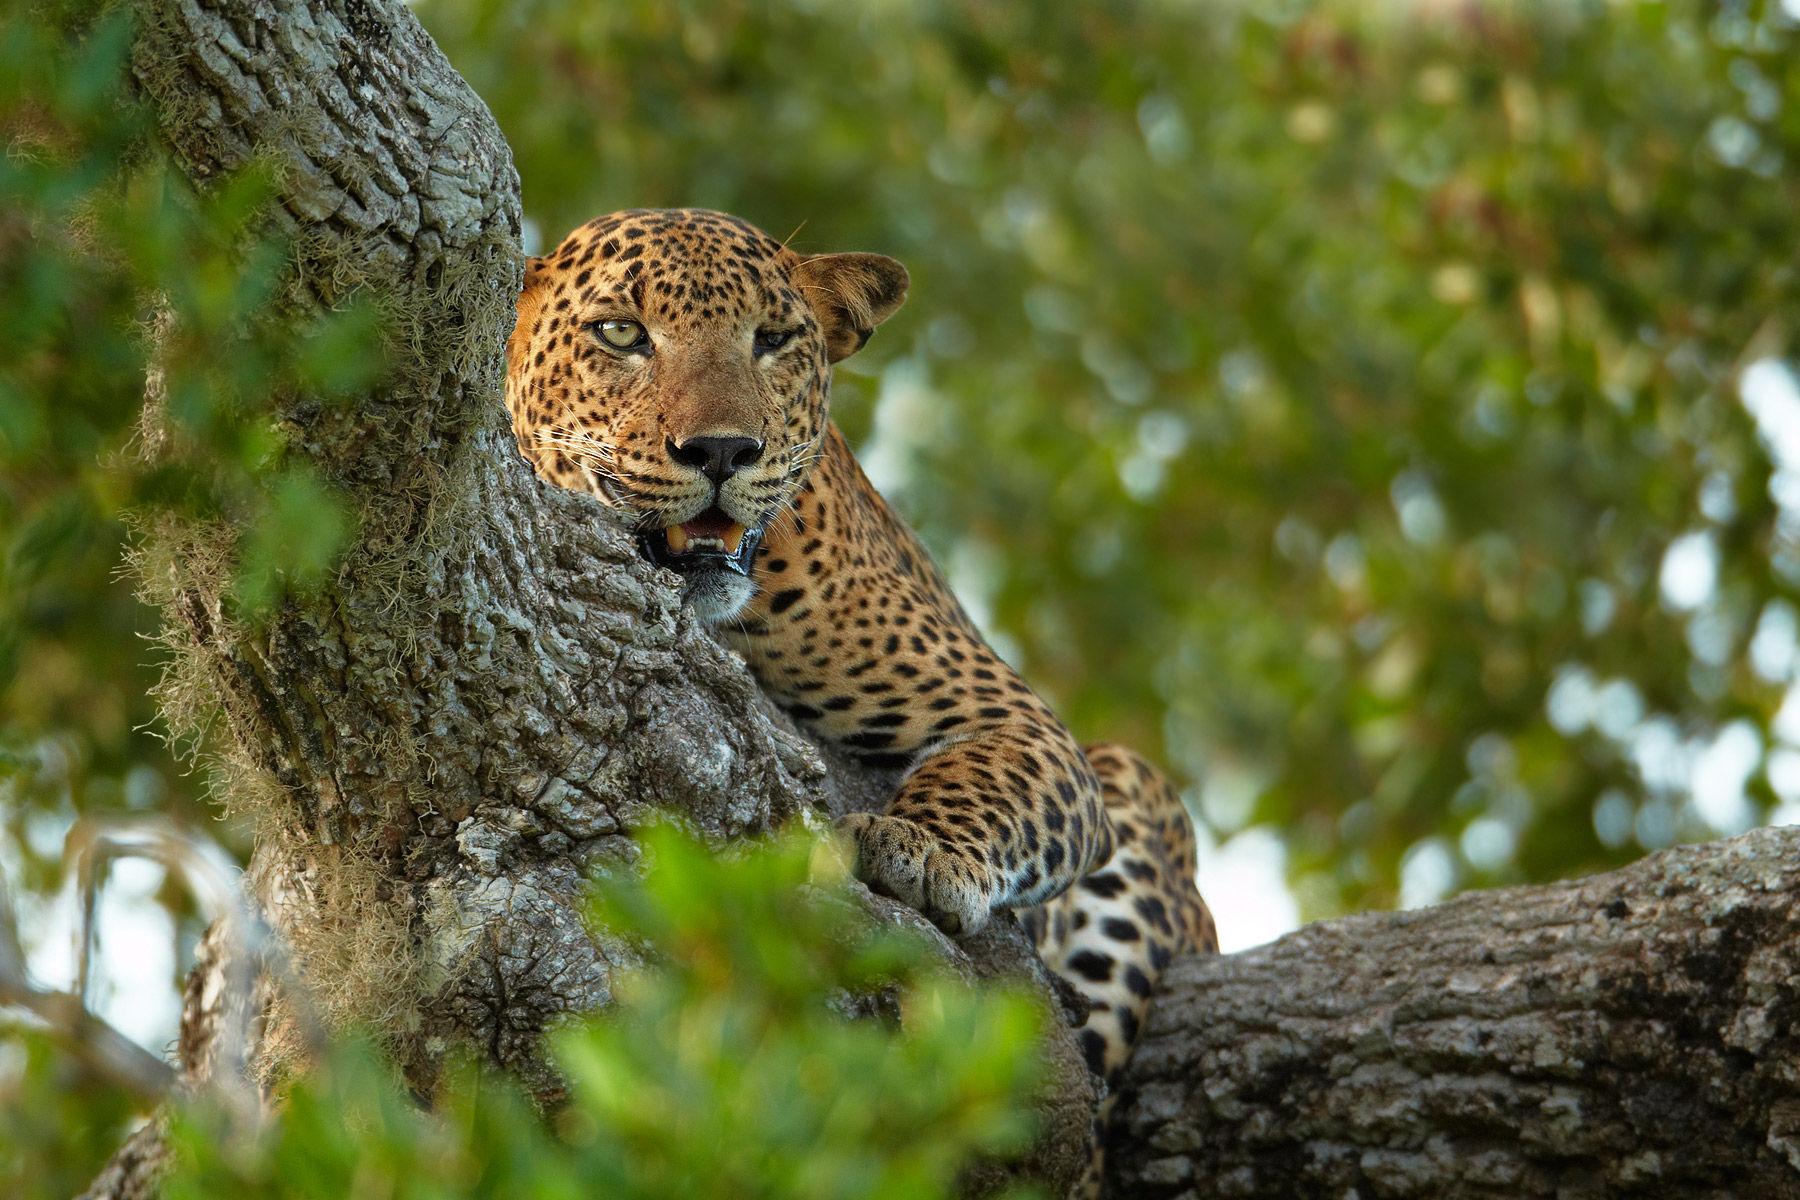 Wil - Leopard.jpg